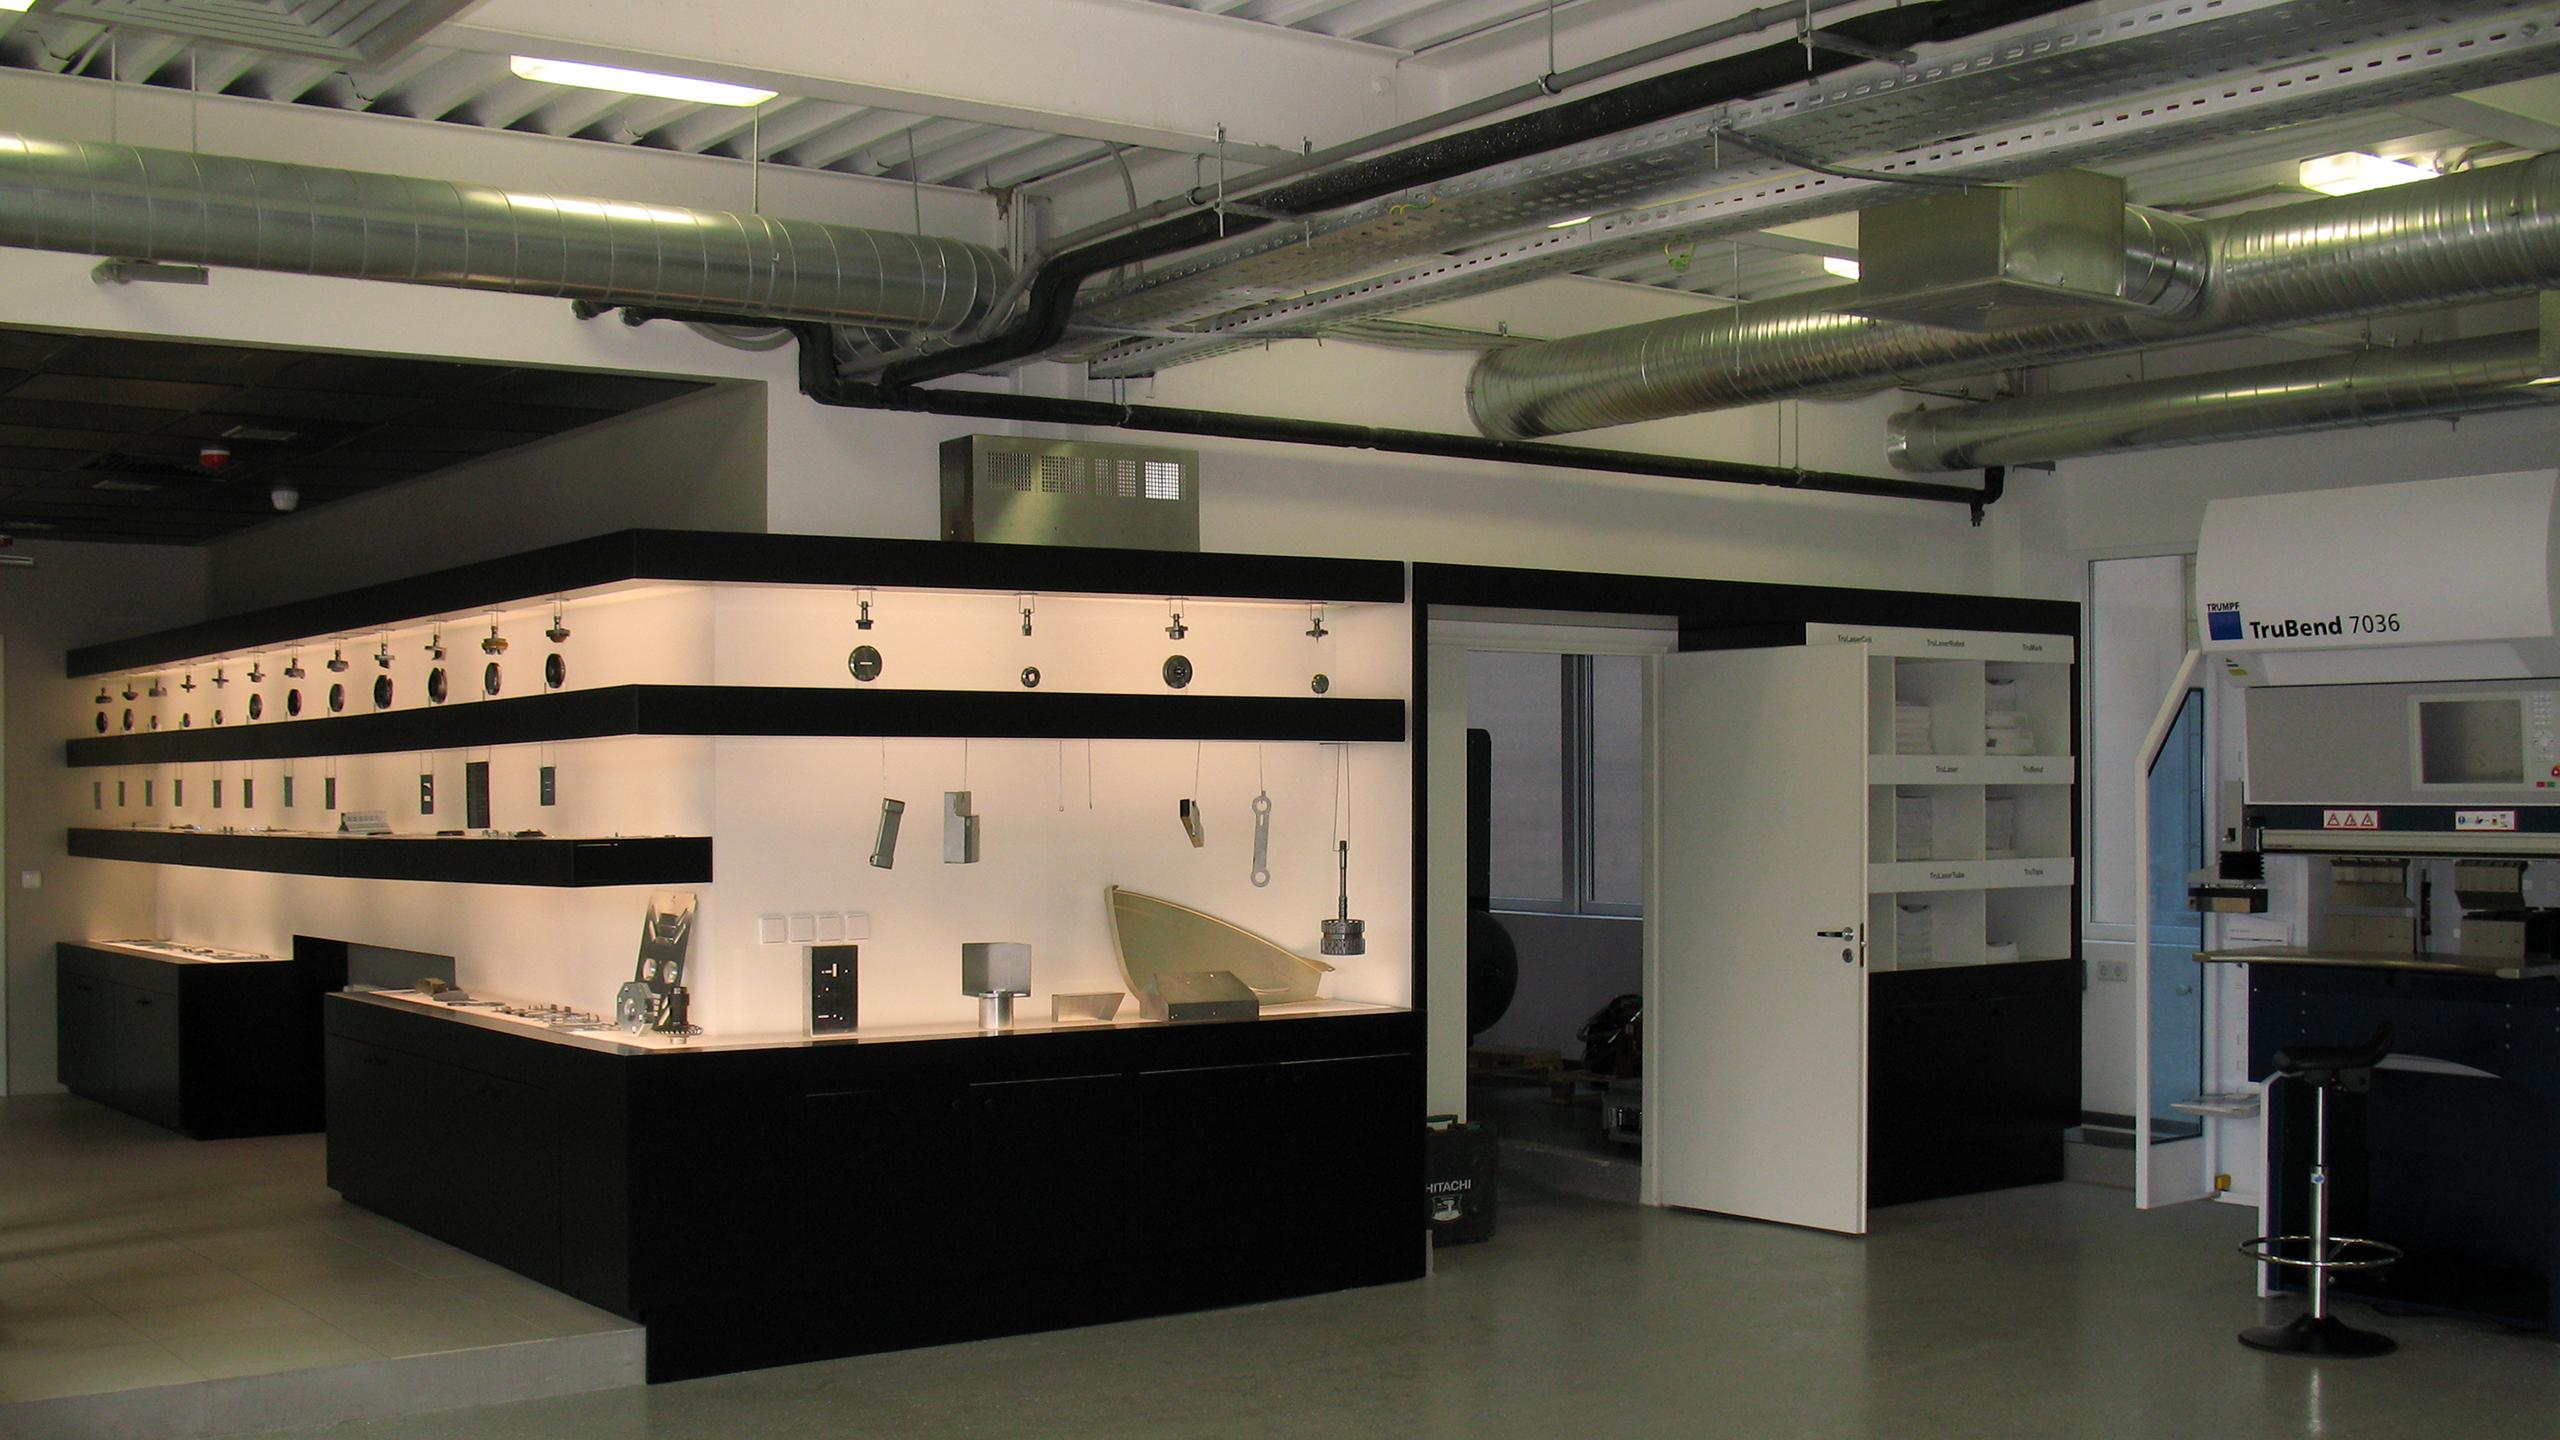 4 bilak trumpf showroom2010 1